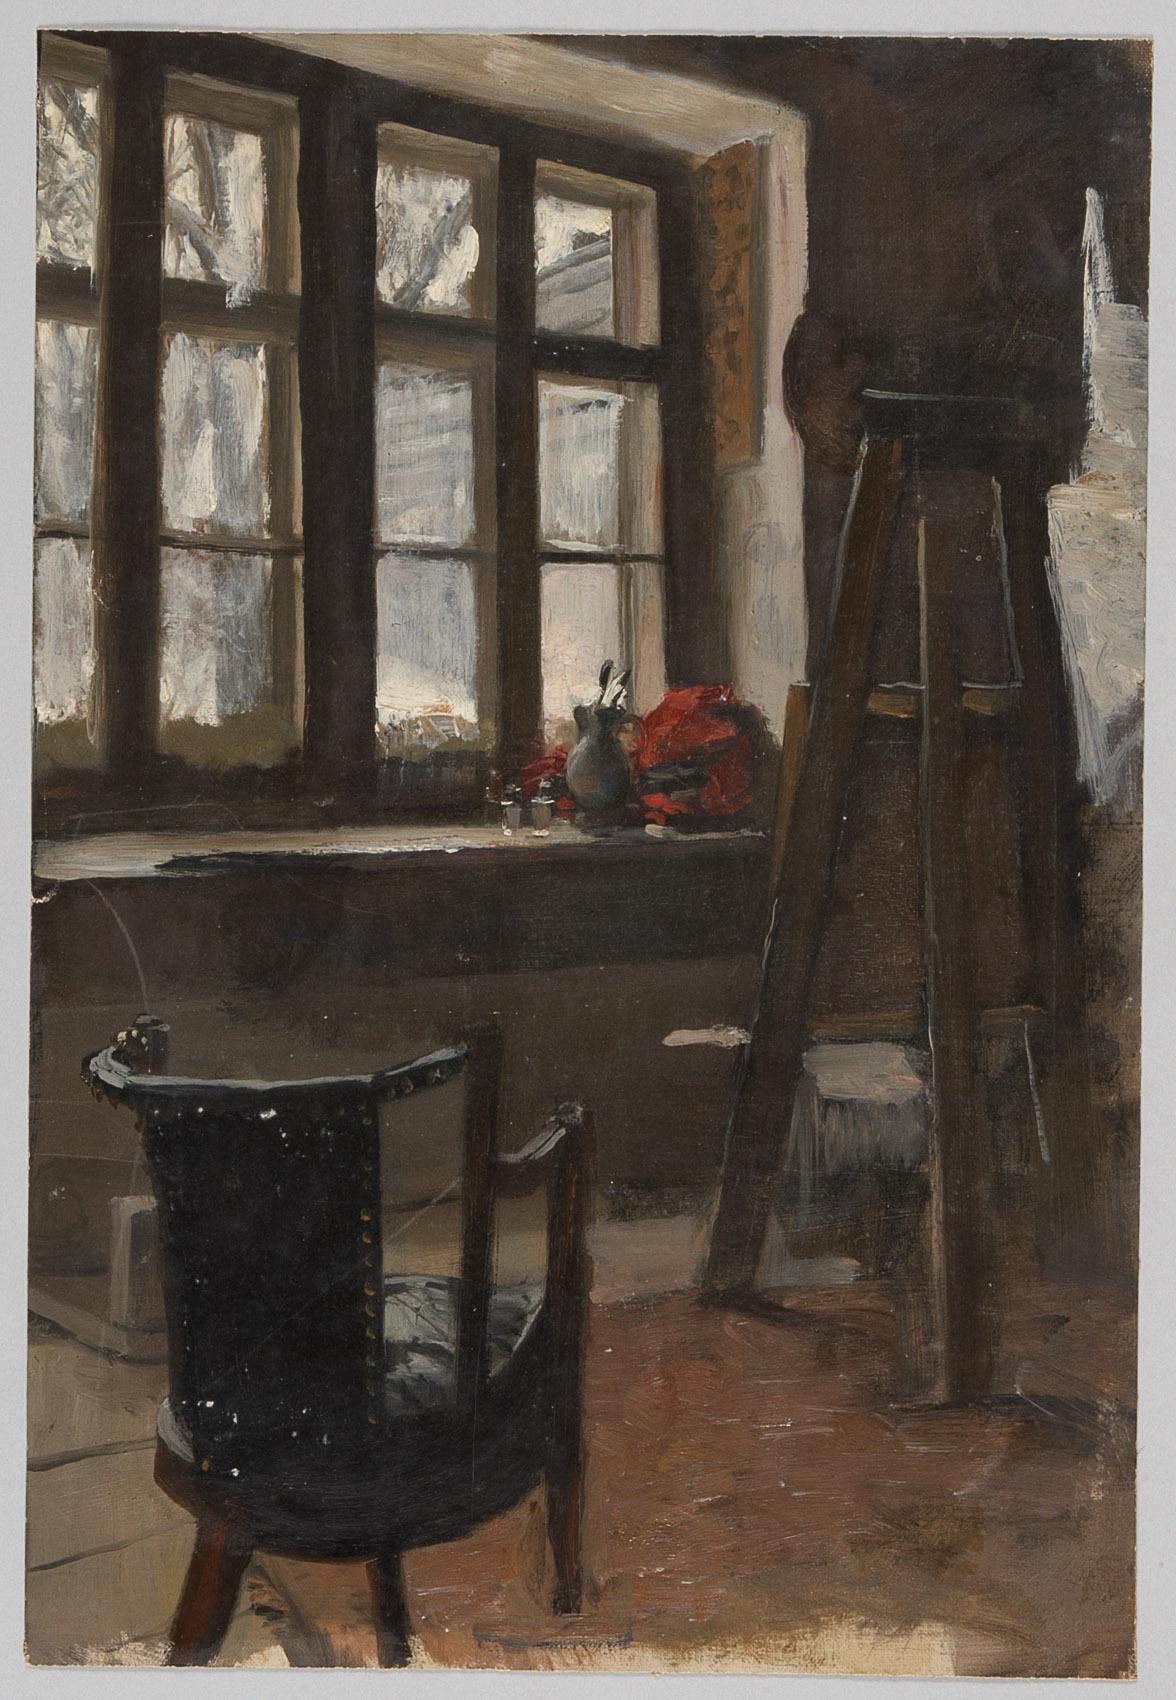 Interieur mit Staffelei von Alfred Roller